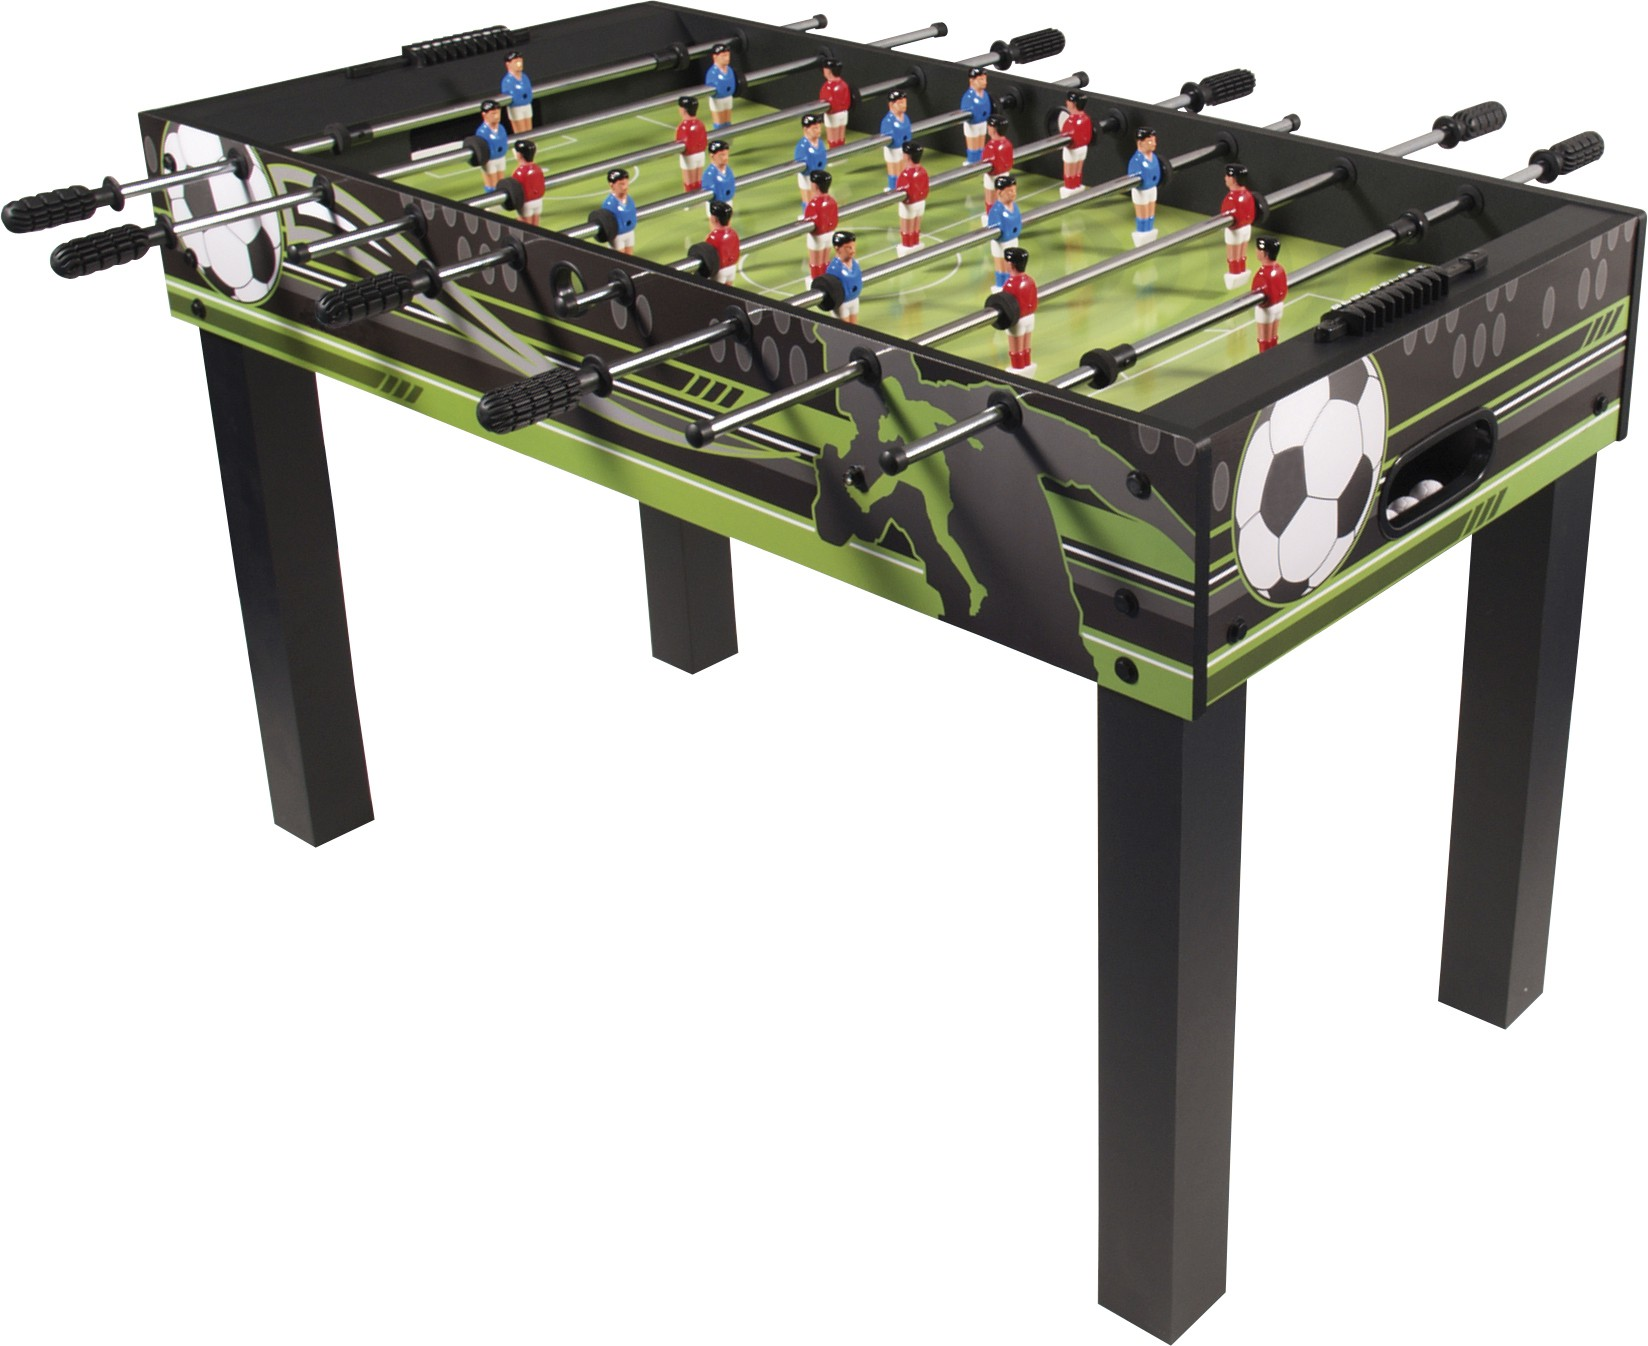 baby foot arcade jeux soccer babyfoot vintage. Black Bedroom Furniture Sets. Home Design Ideas